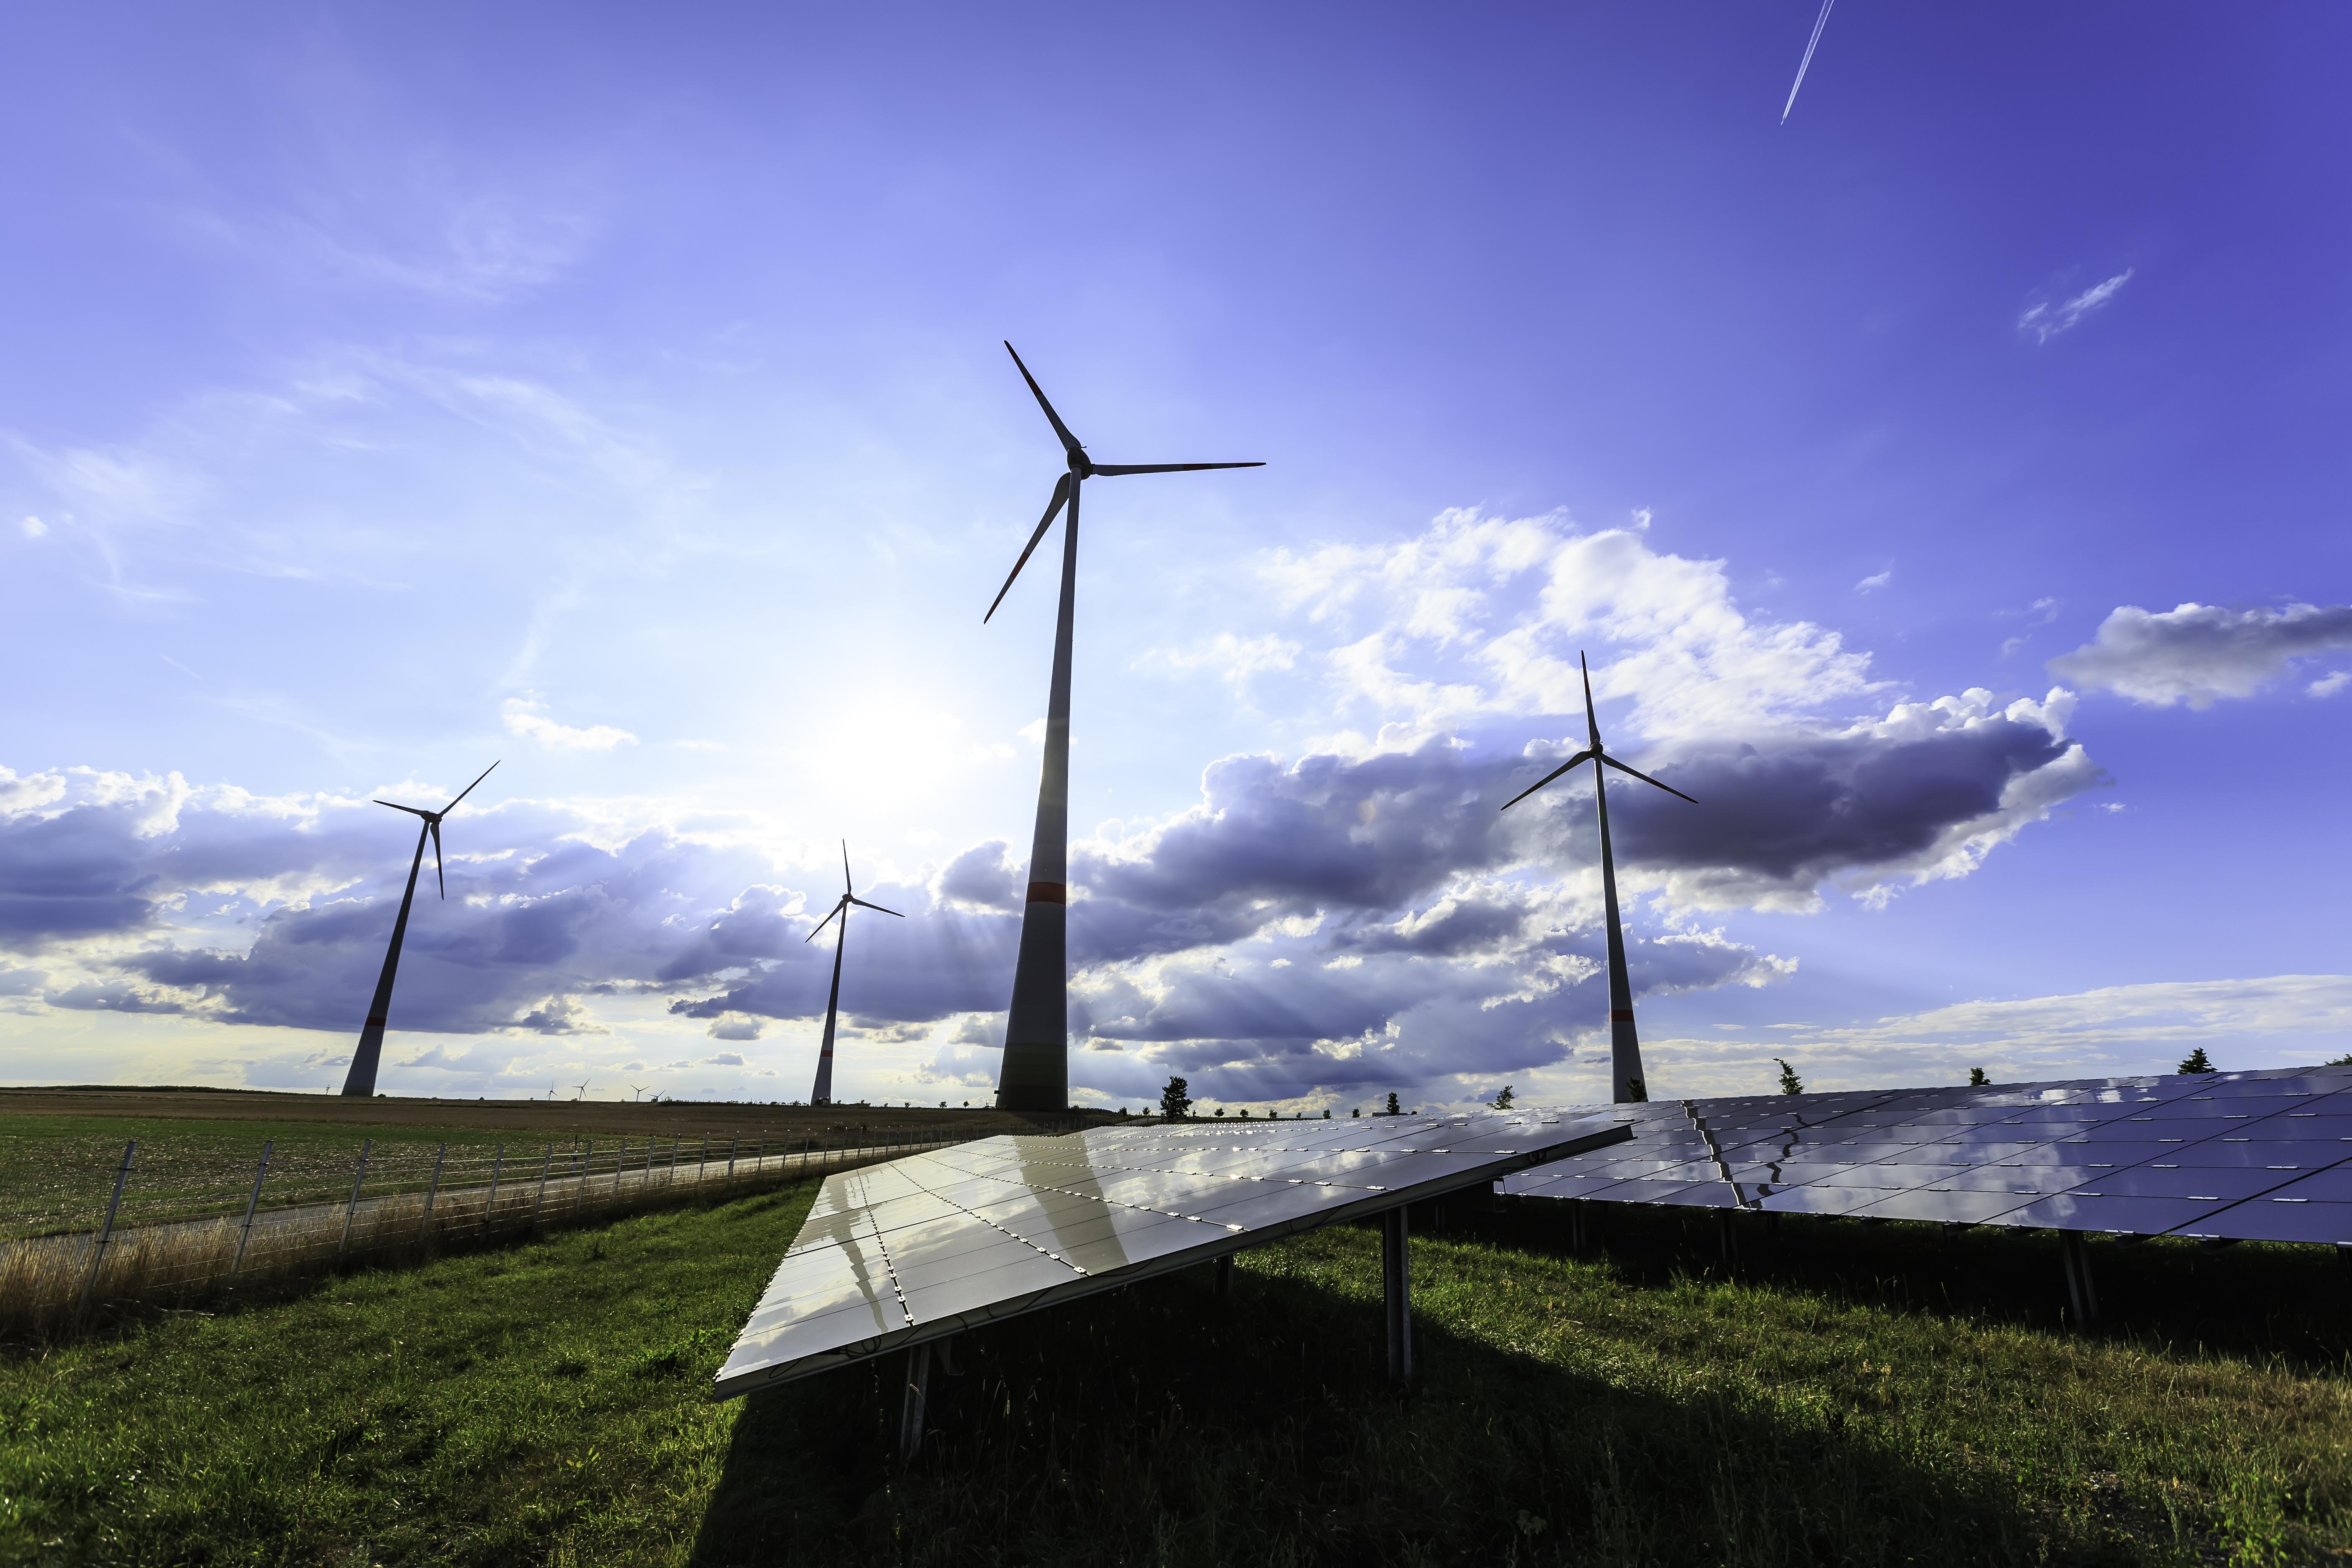 Vieweg: Leitstudie der Deutschen Energieagentur weist in die richtige Richtung